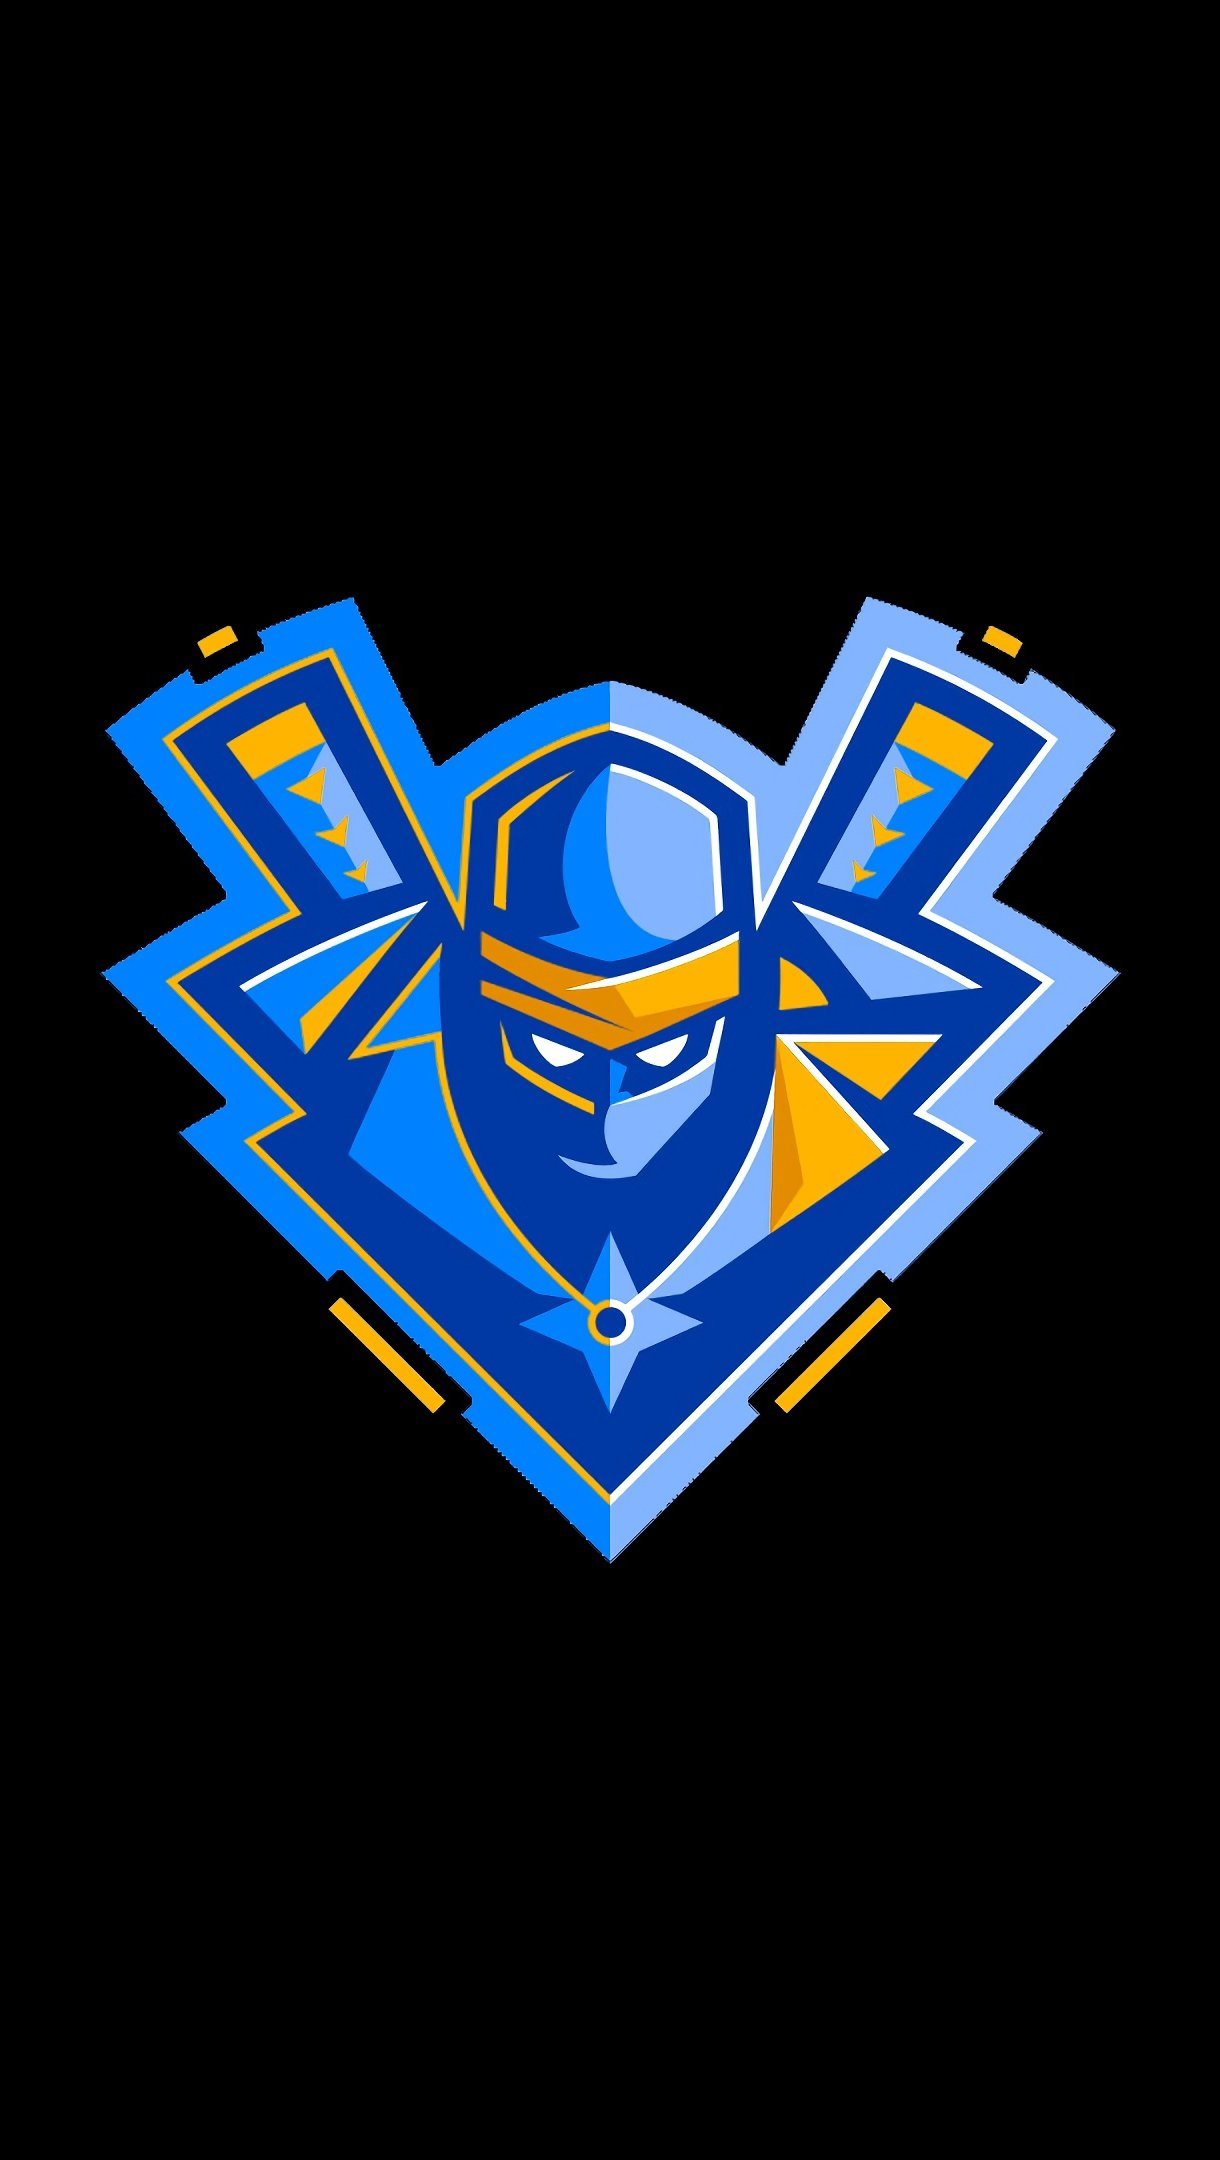 Wallpaper Ninja Logo Fortnite Battle Royale Vertical